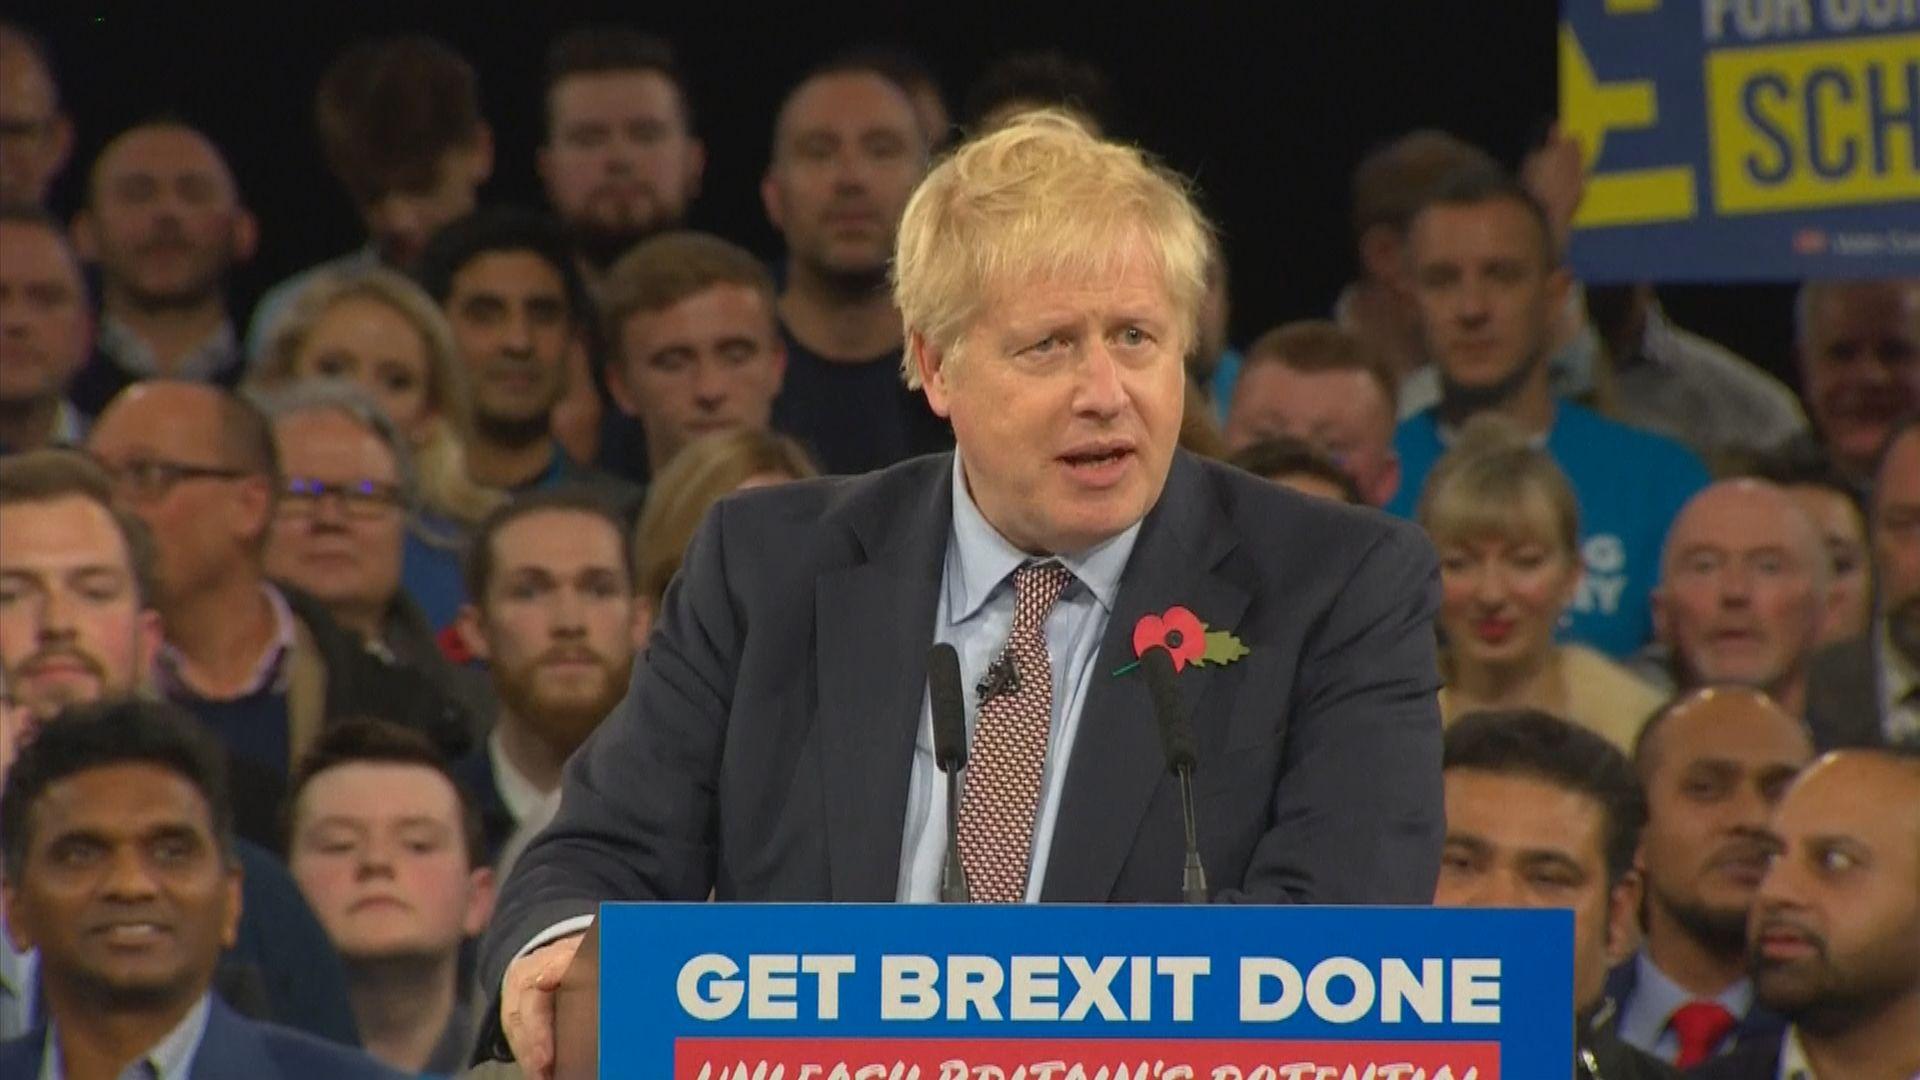 約翰遜:保守黨候選人都承諾支持脫歐協議